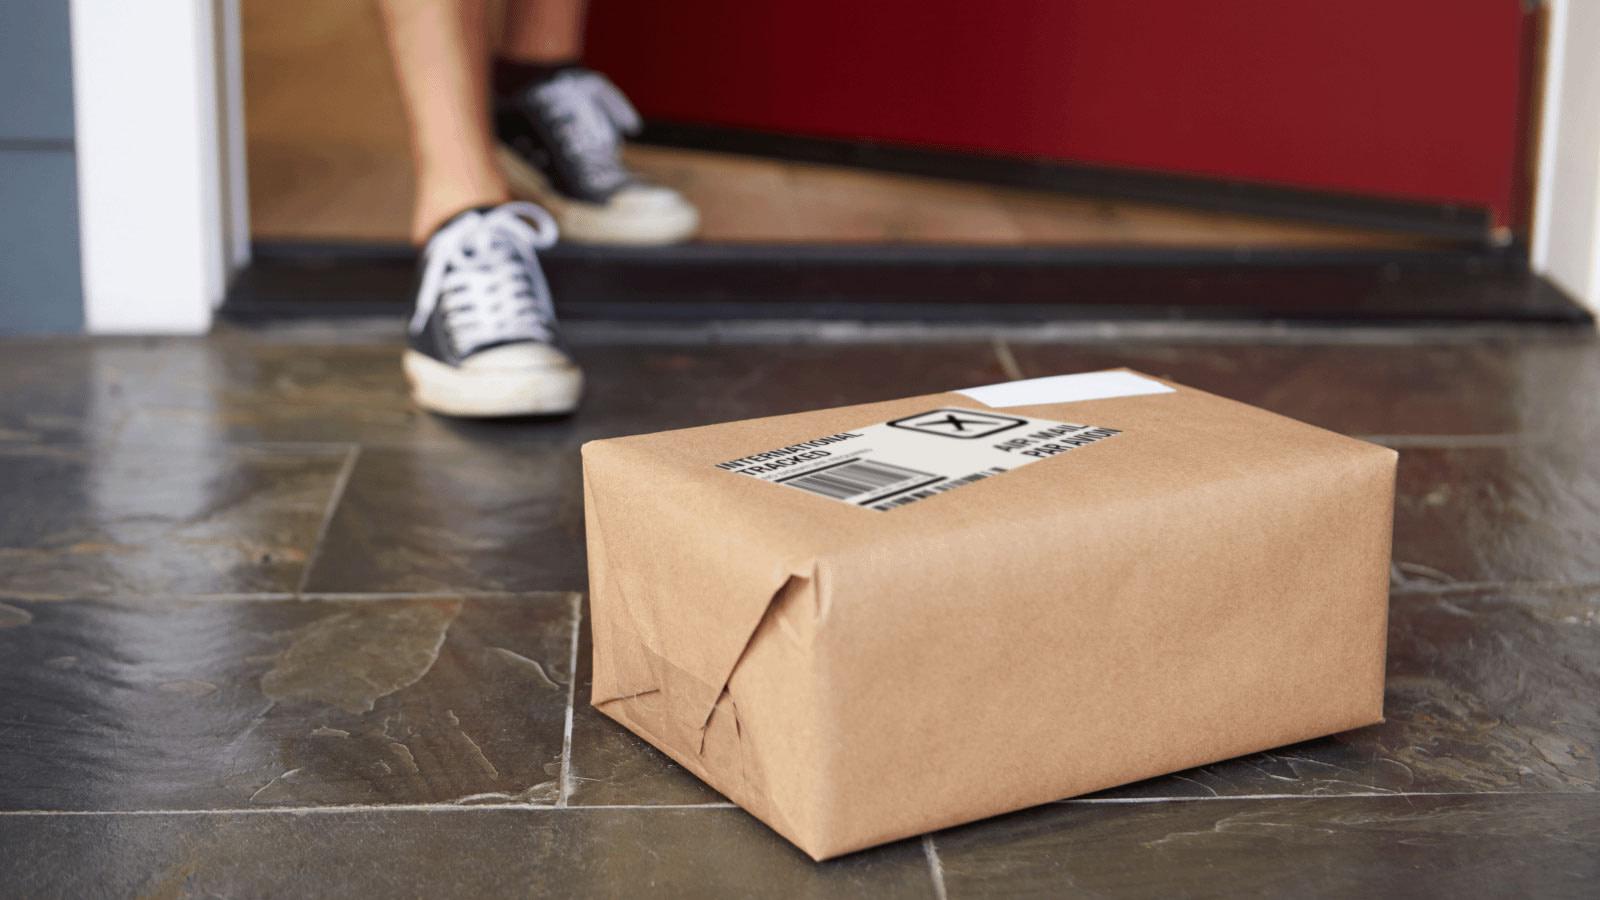 pick up my parcels